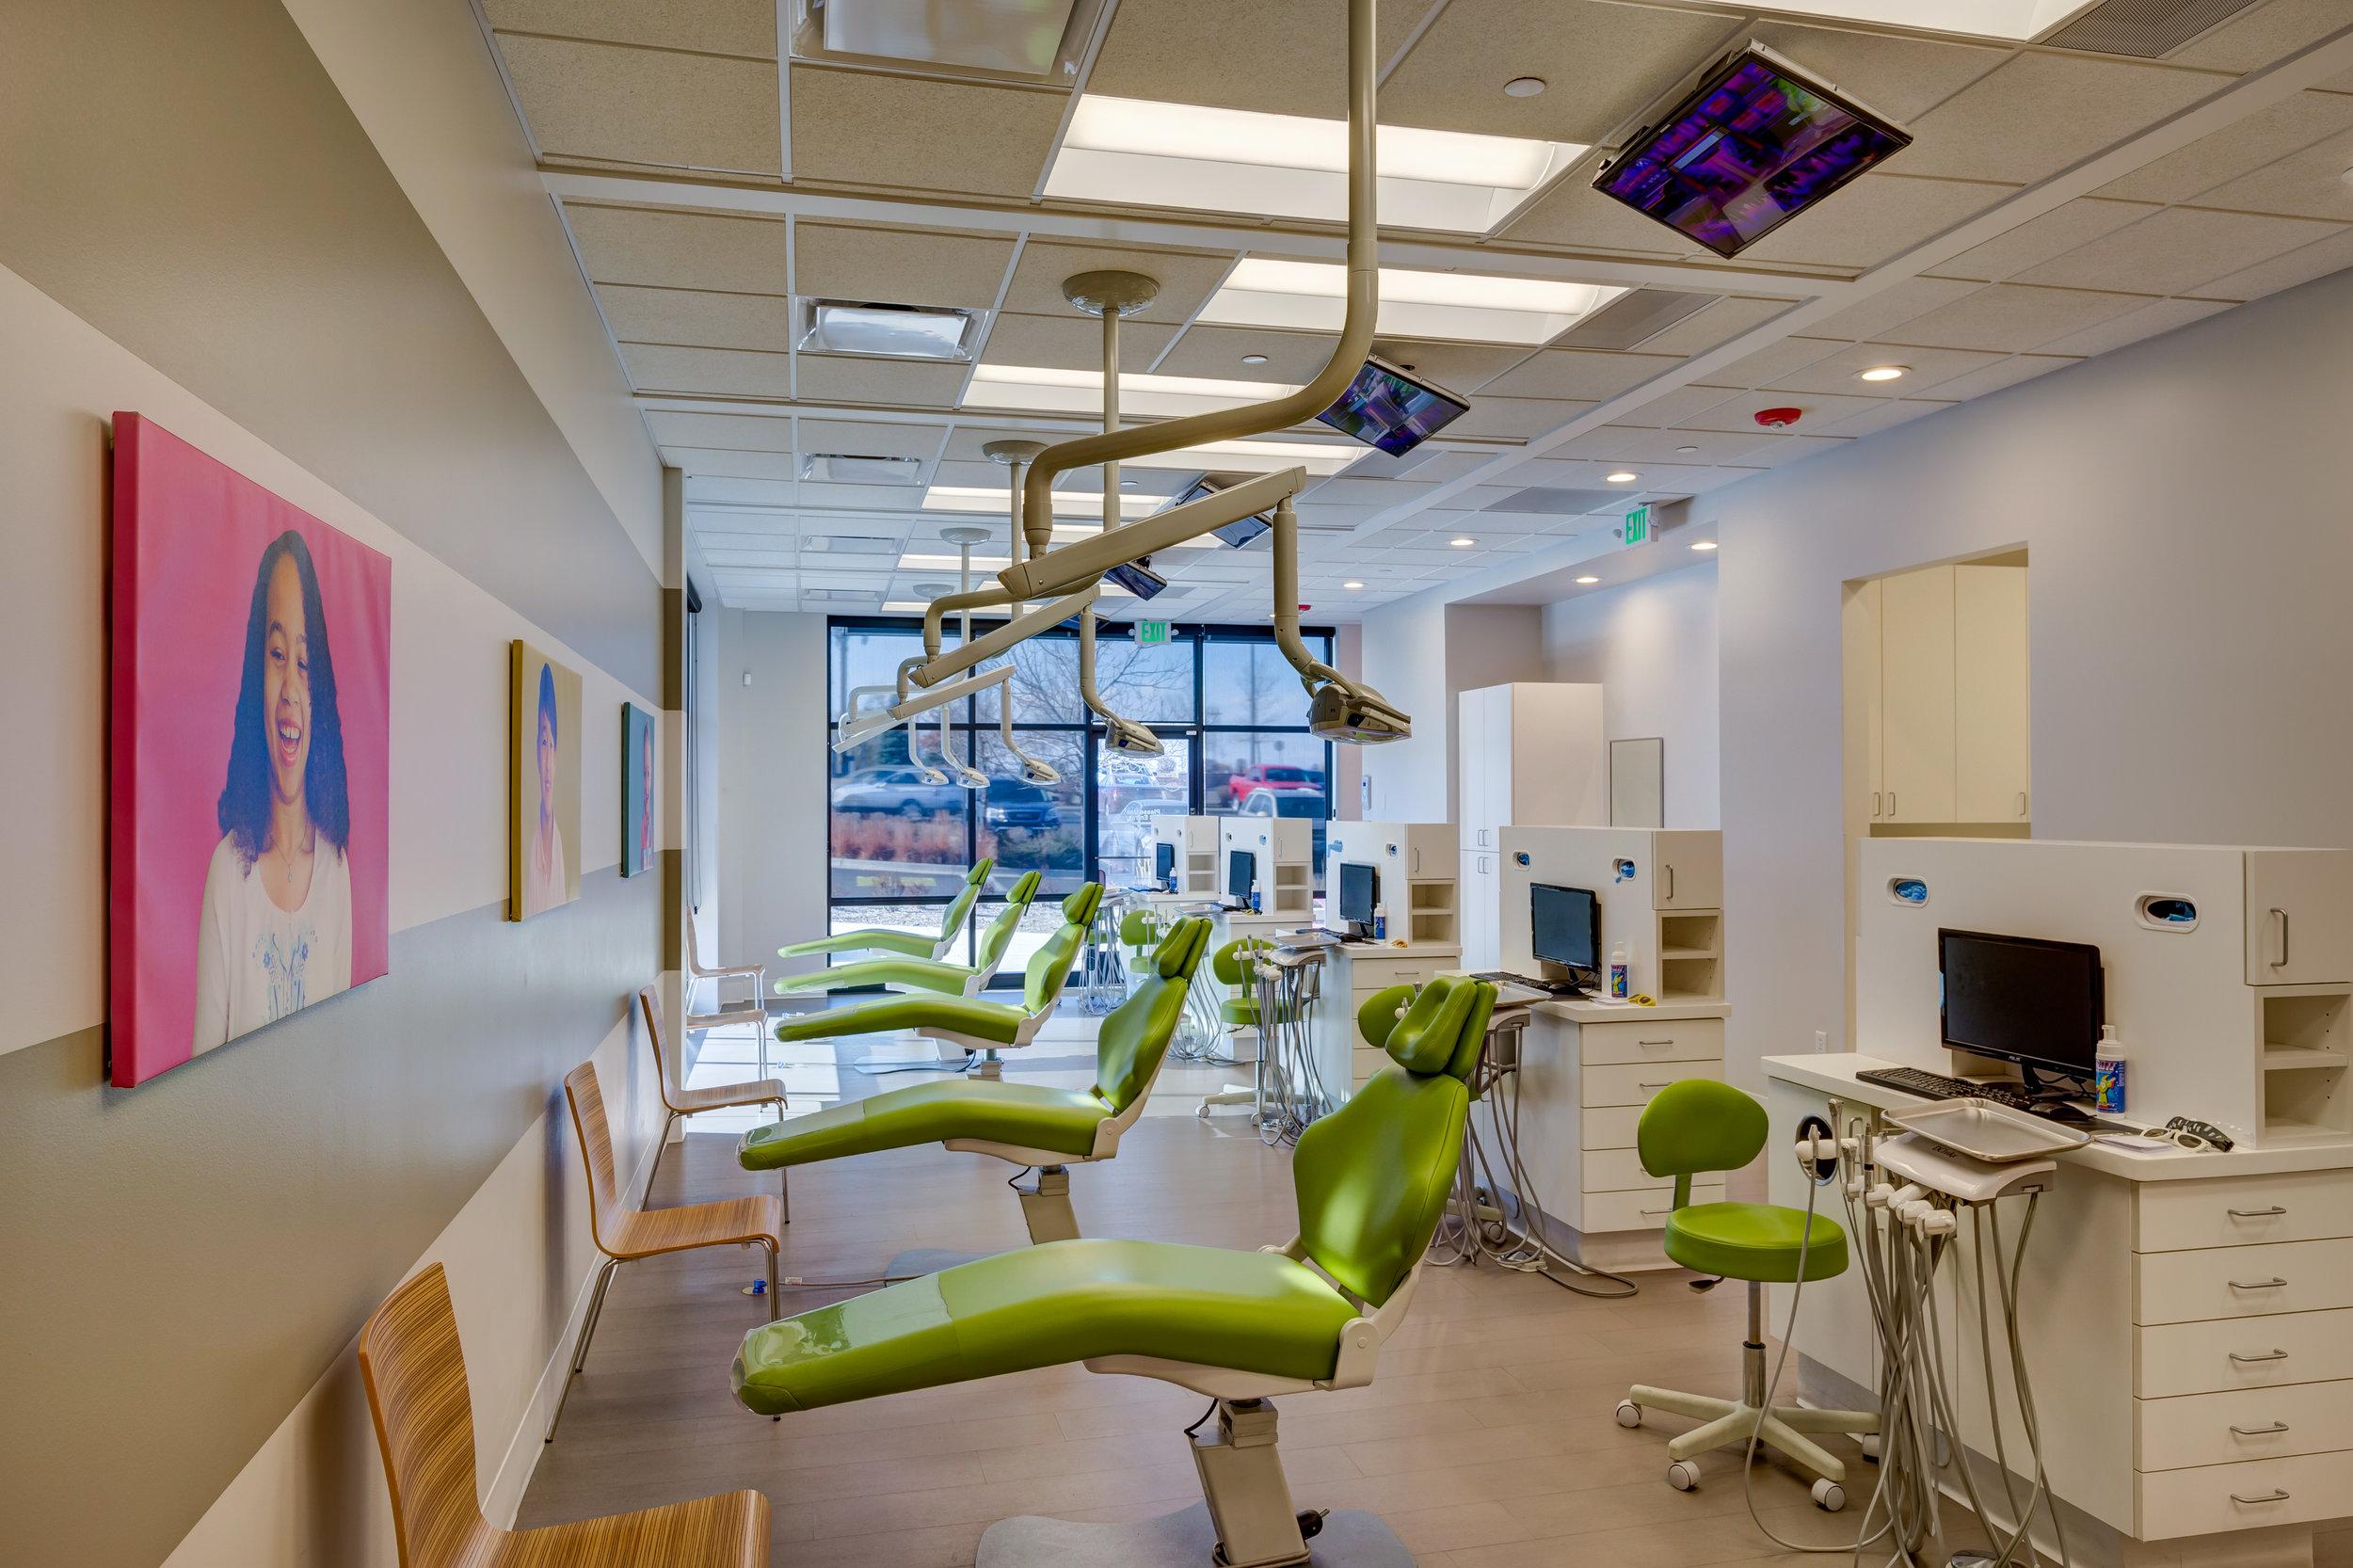 Jr-Smiles-Kids-Dentistry-Thornton-10014.jpg